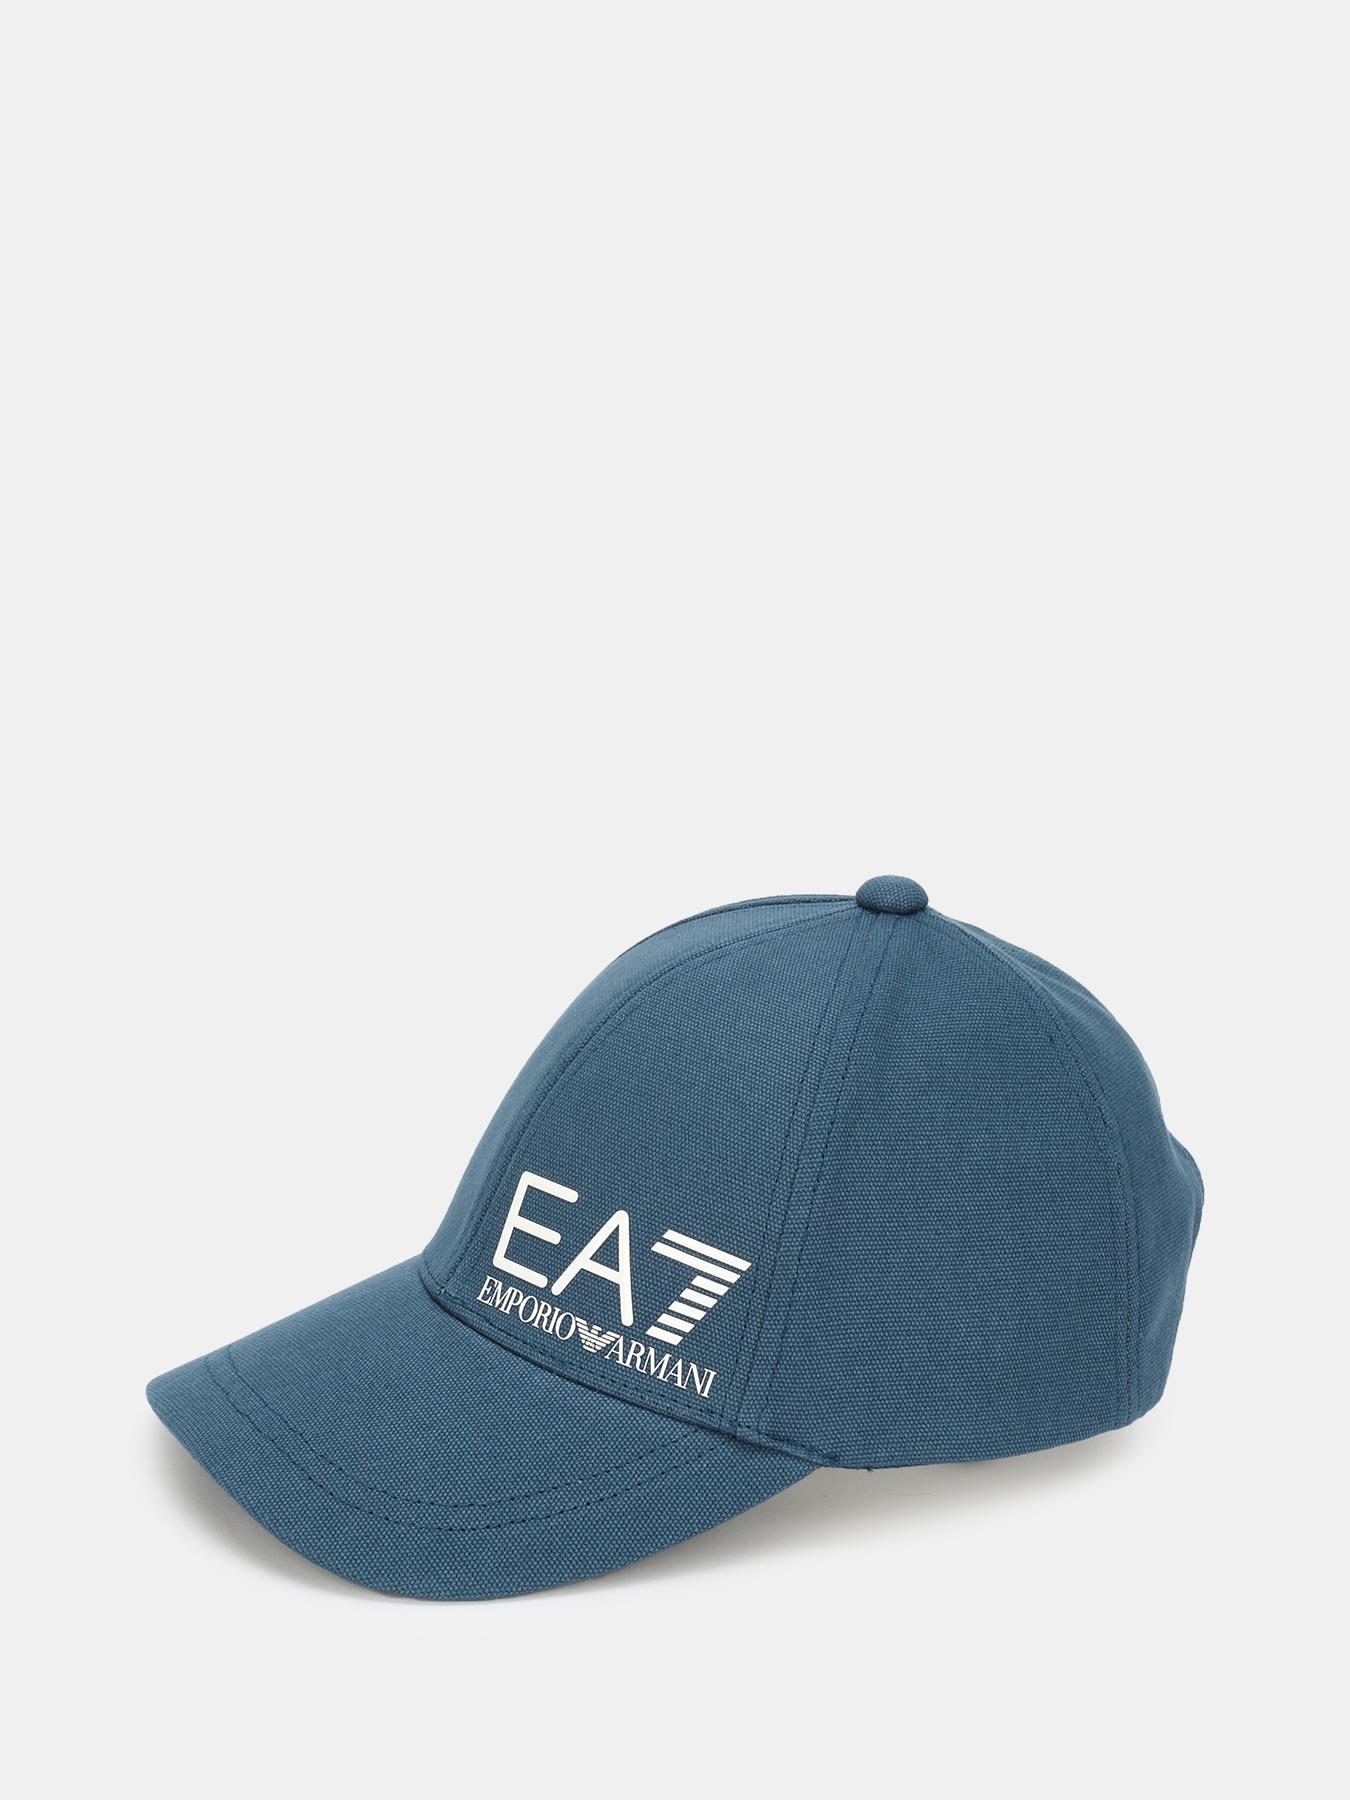 Бейсболки EA7 Emporio Armani Бейсболка кепи emporio armani мужская бейсболка